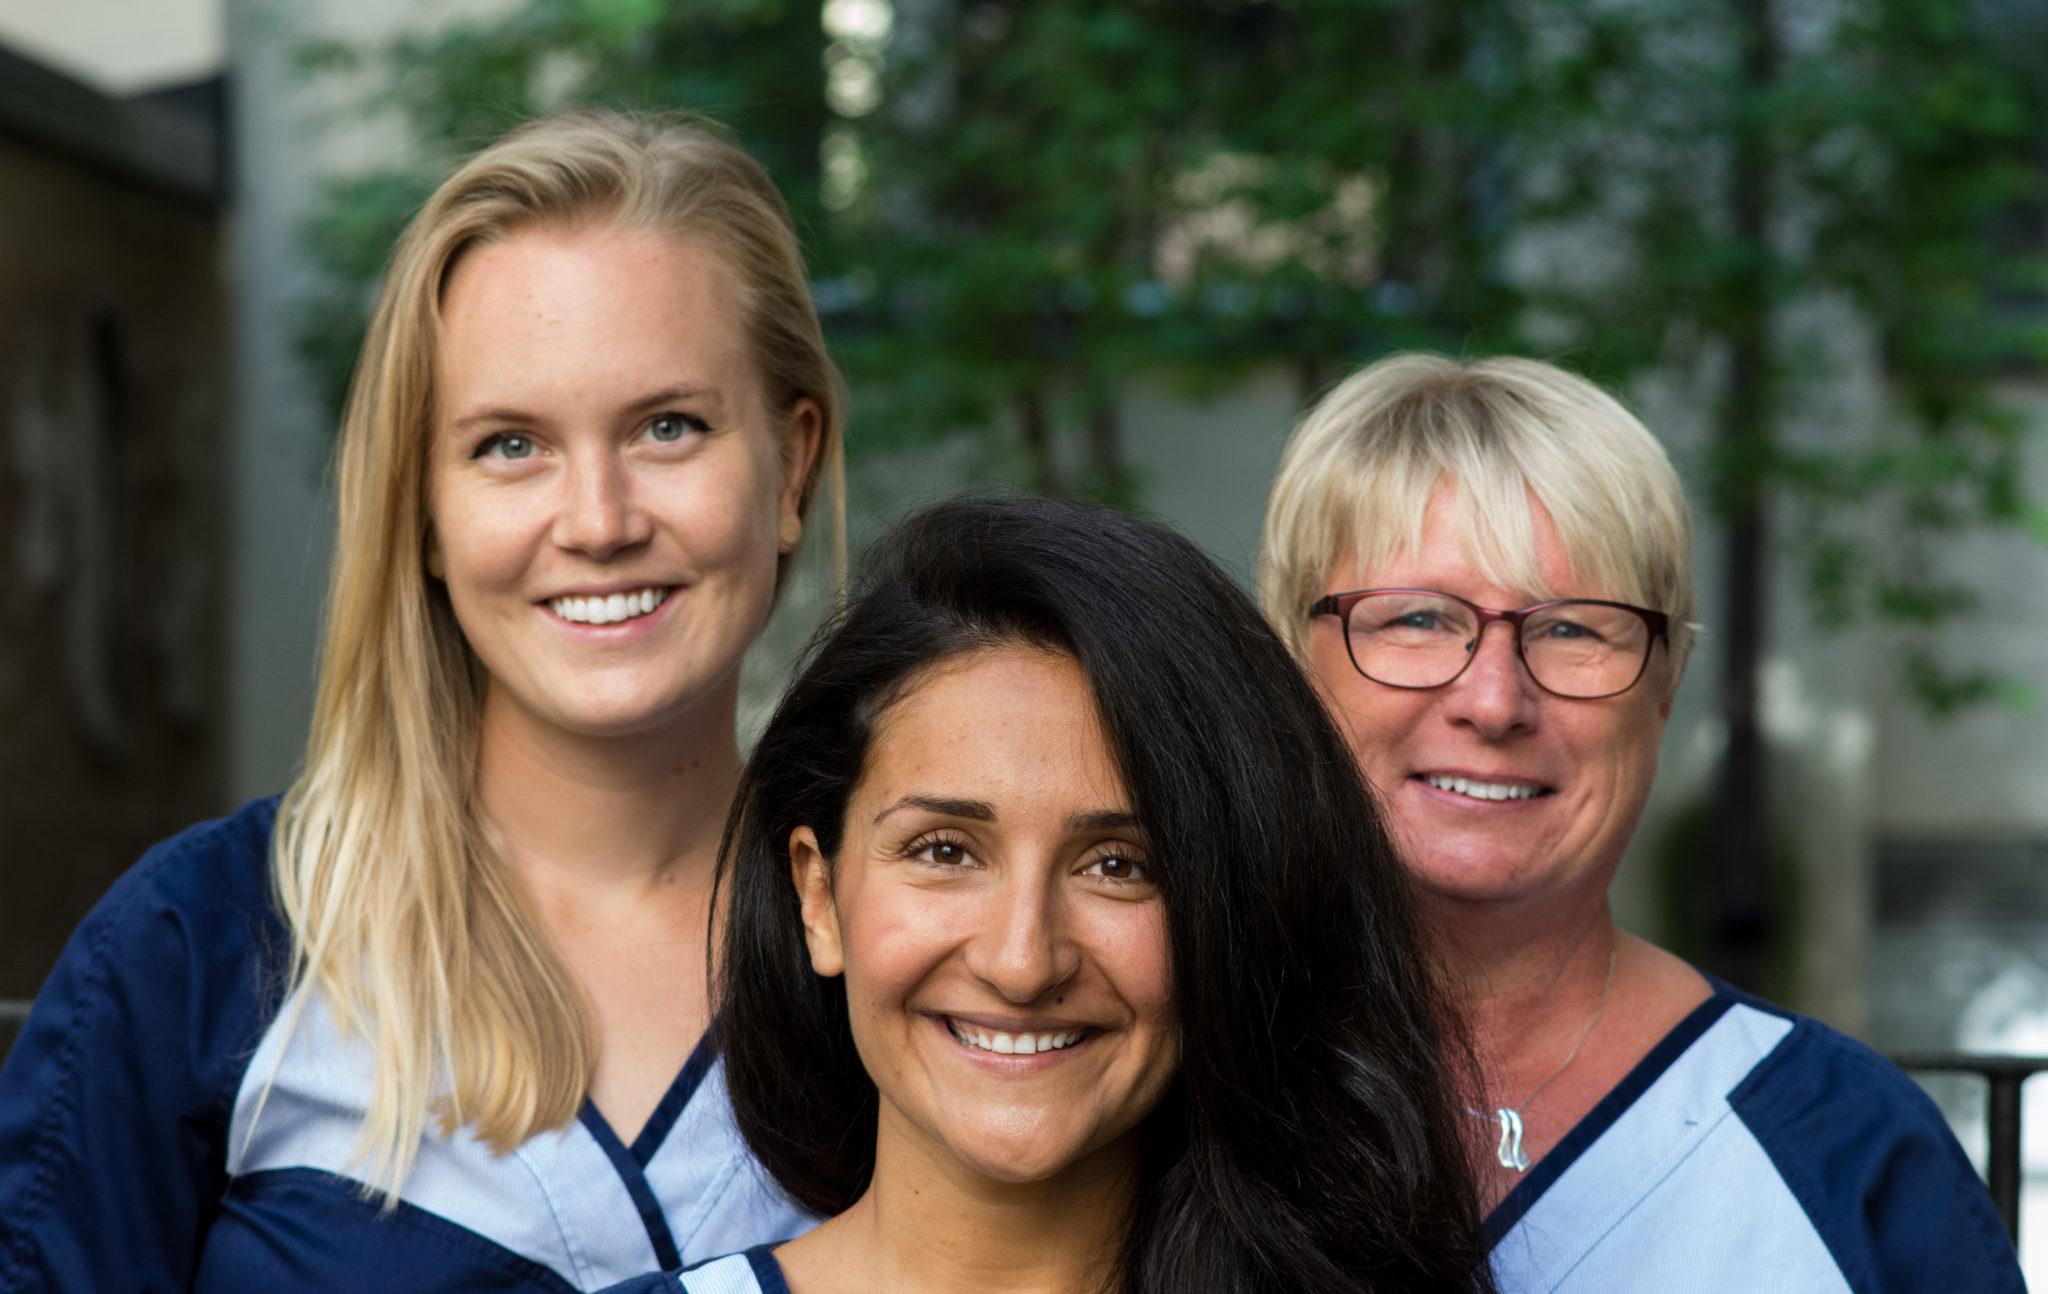 Tandläkare på Östermalm - På bilden syns Tandläkare Rosa Ansari med personal